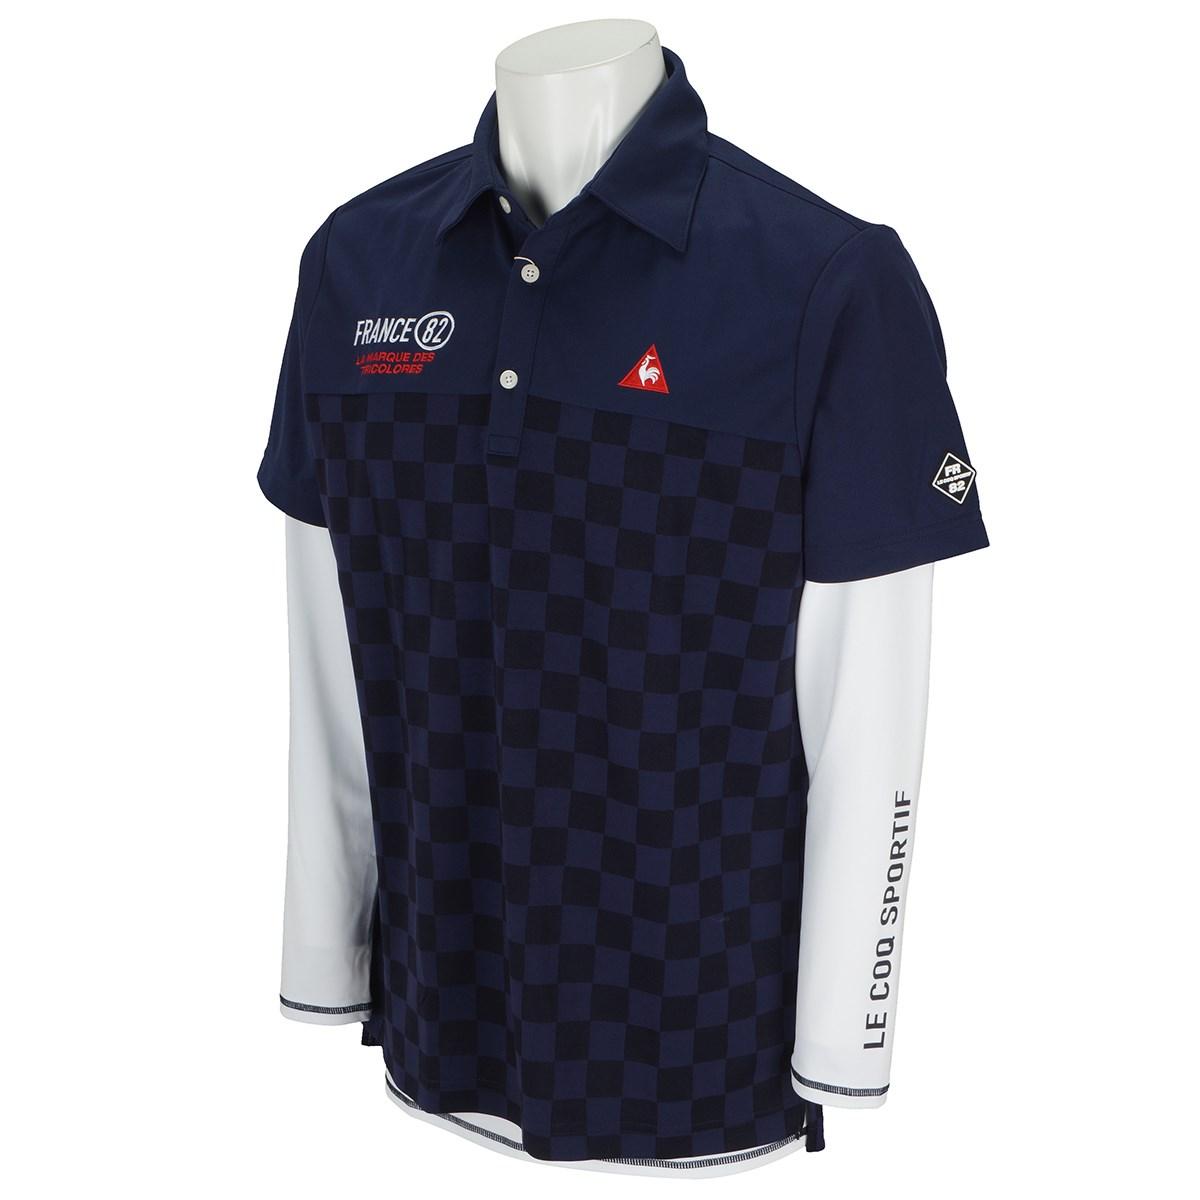 ルコックゴルフ 市松ジャガード切り替えレイヤードセット 半袖ポロシャツ